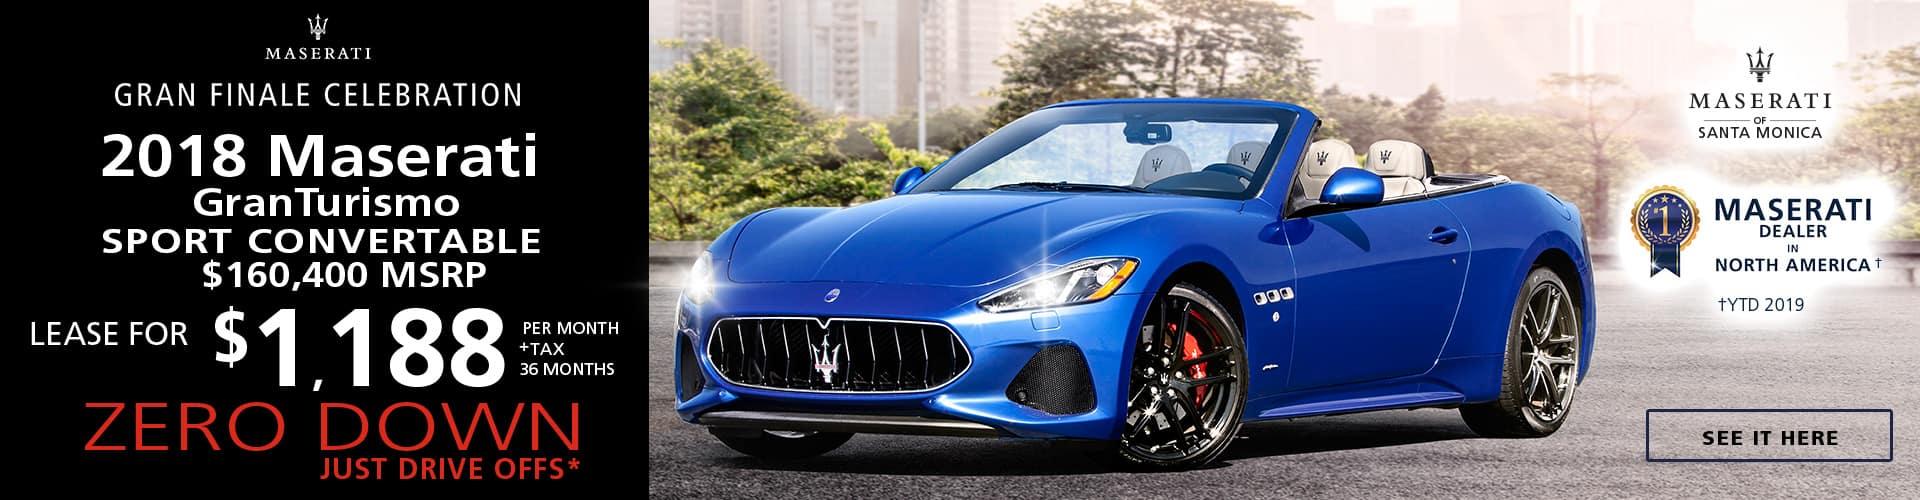 2018 Maserati GranTurismo Convertible Special Offer